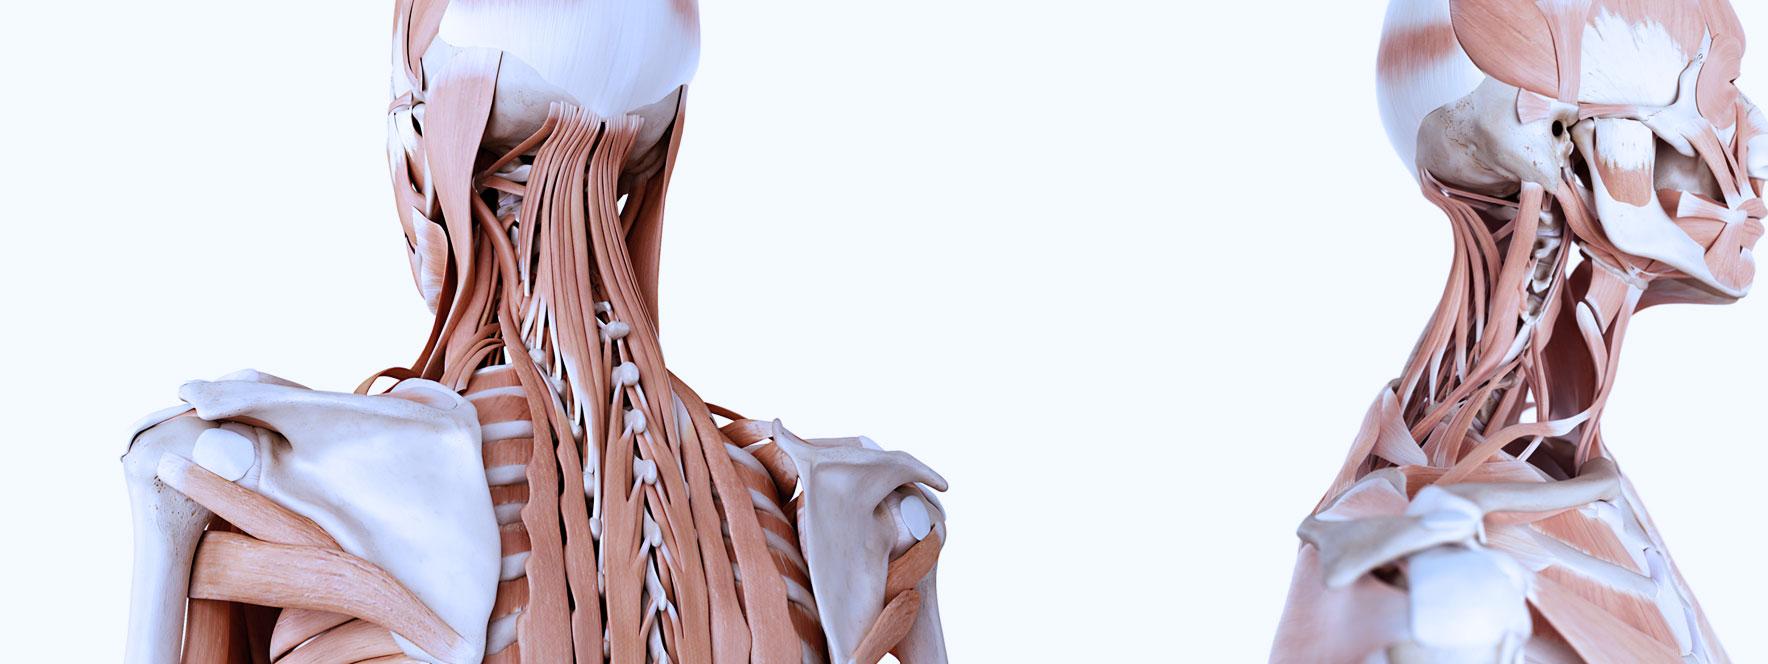 Flexxion cervicale - Combattre la gravité - Blogue du Réseau